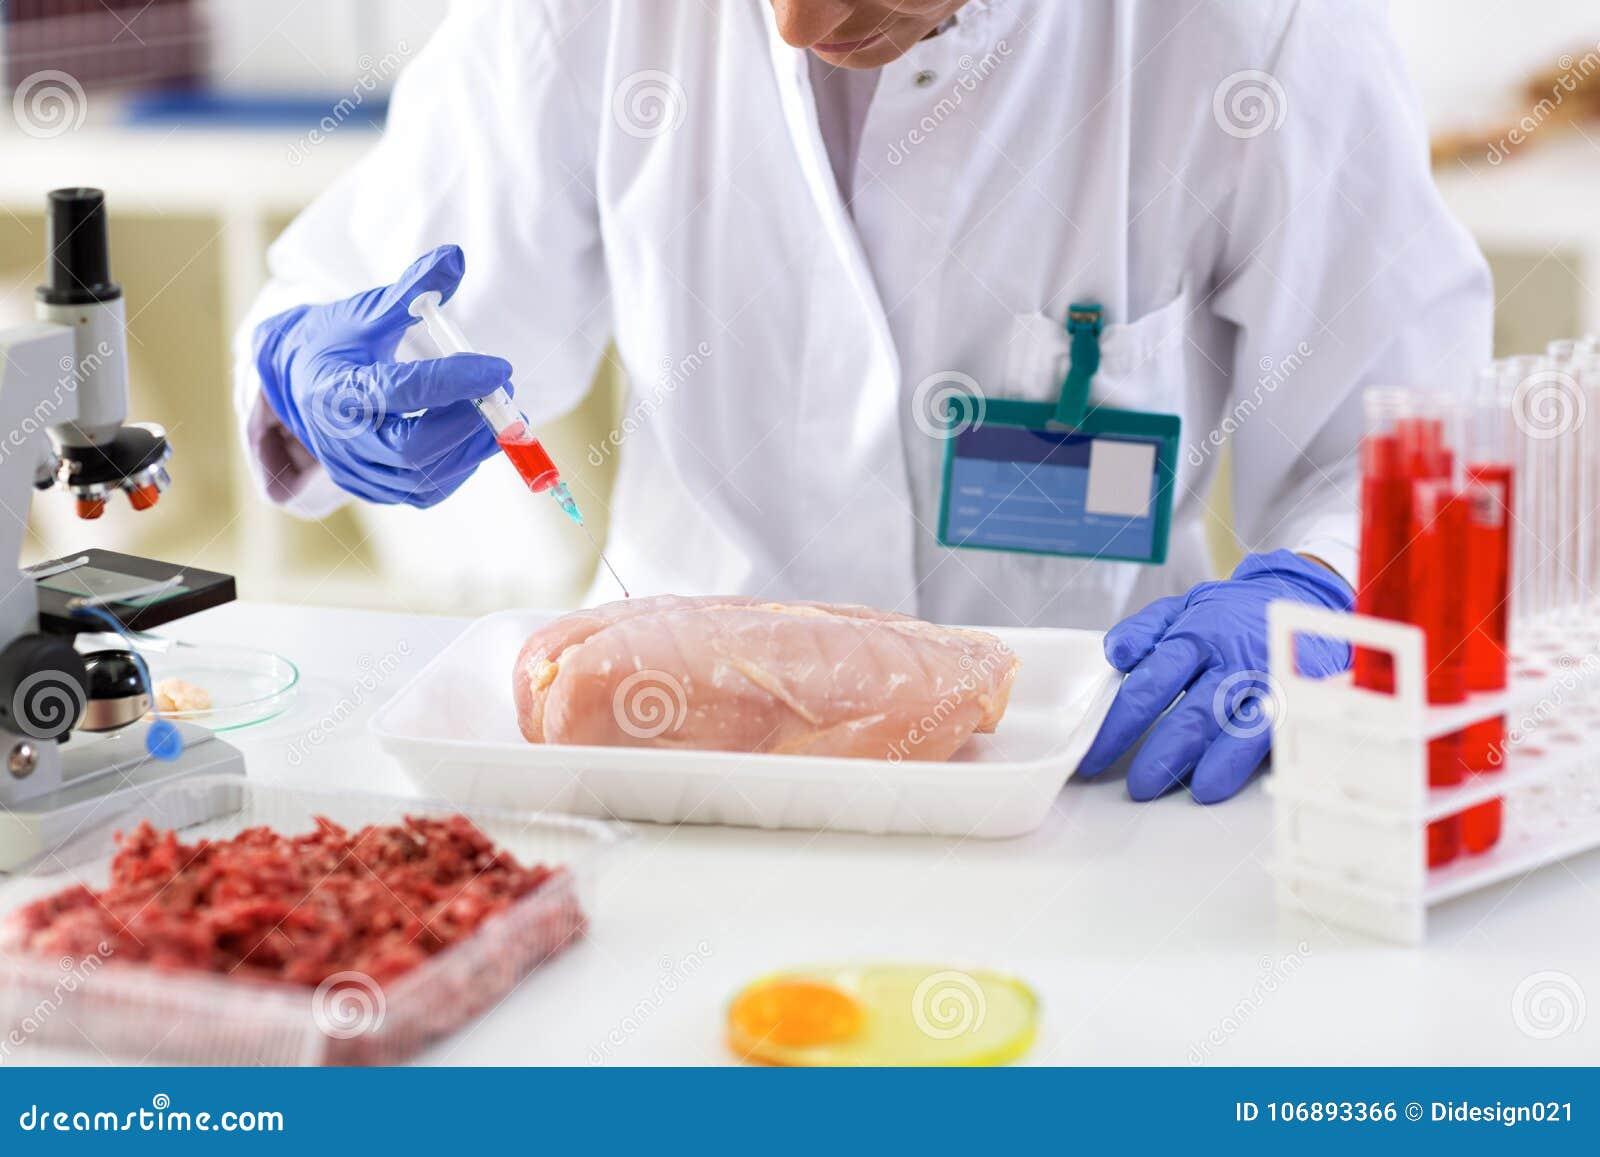 Probe der Chemikalie mit Einspritzung herein zum Testhuhn setzen